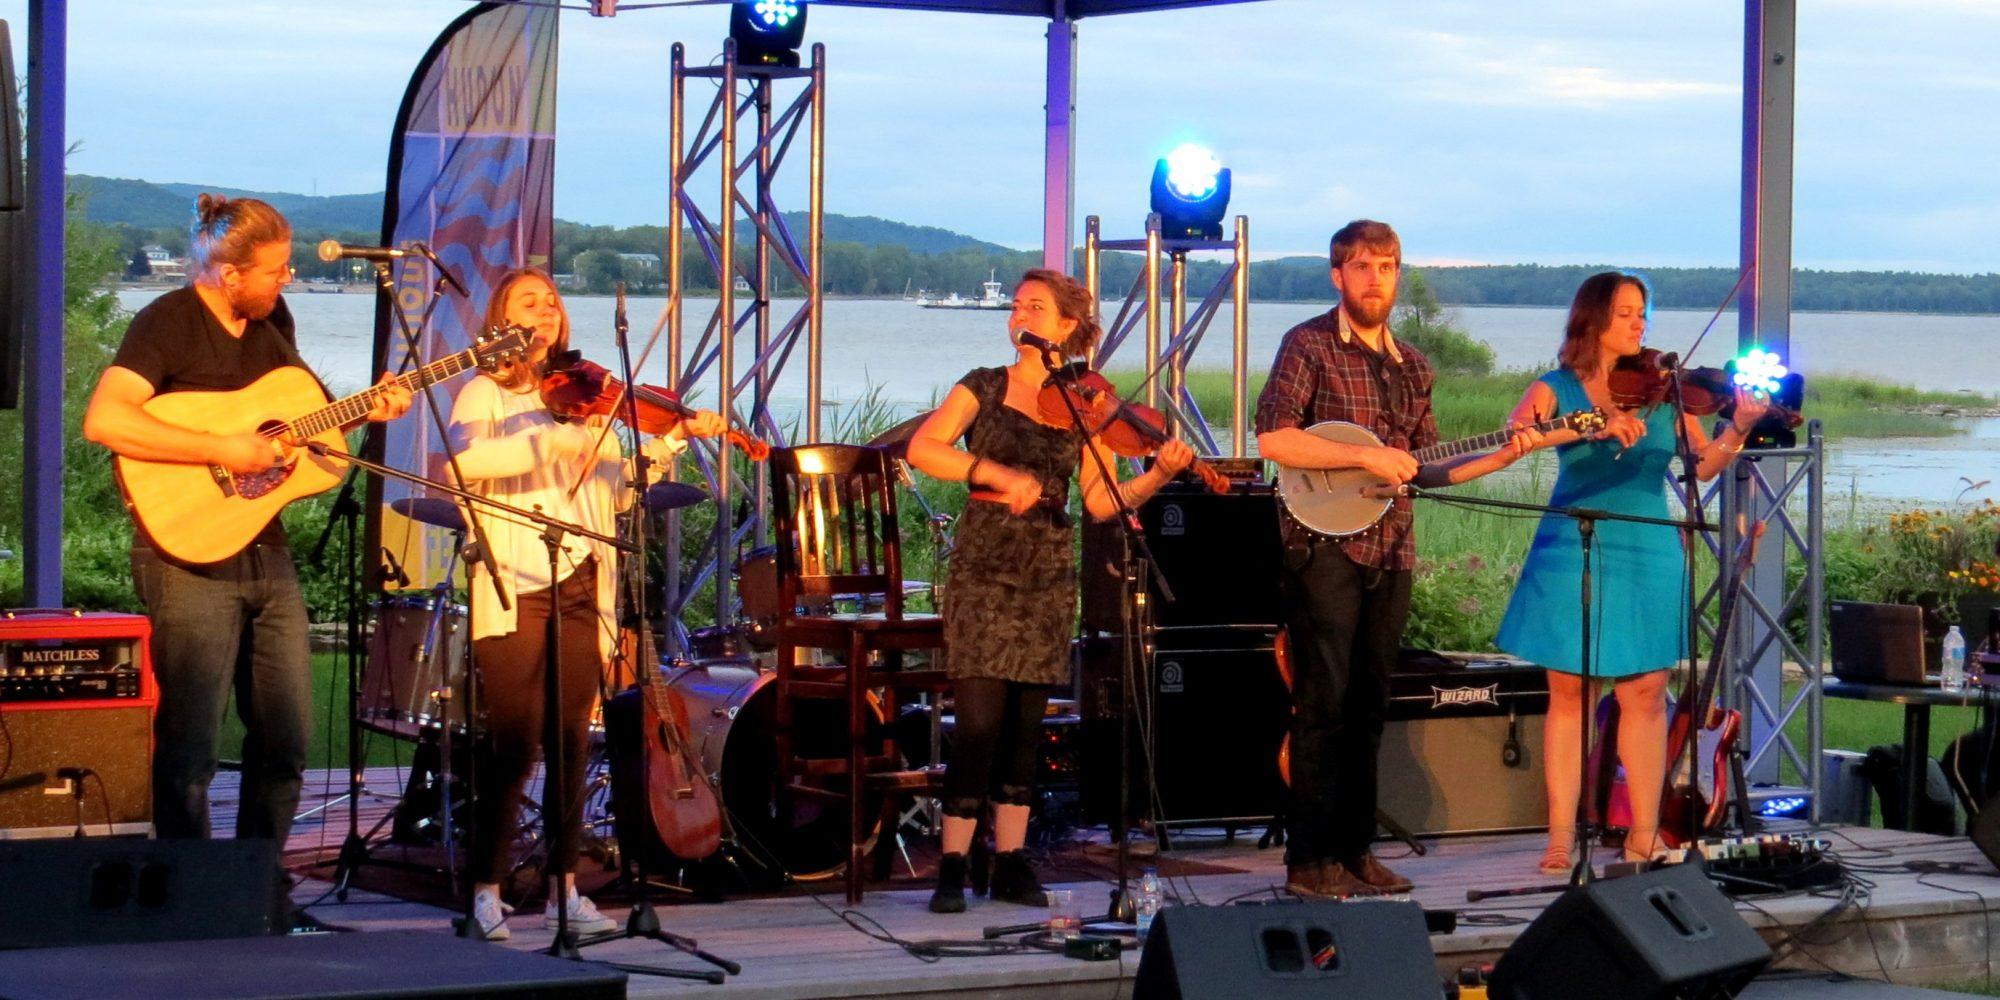 Festival de musique de Hudson